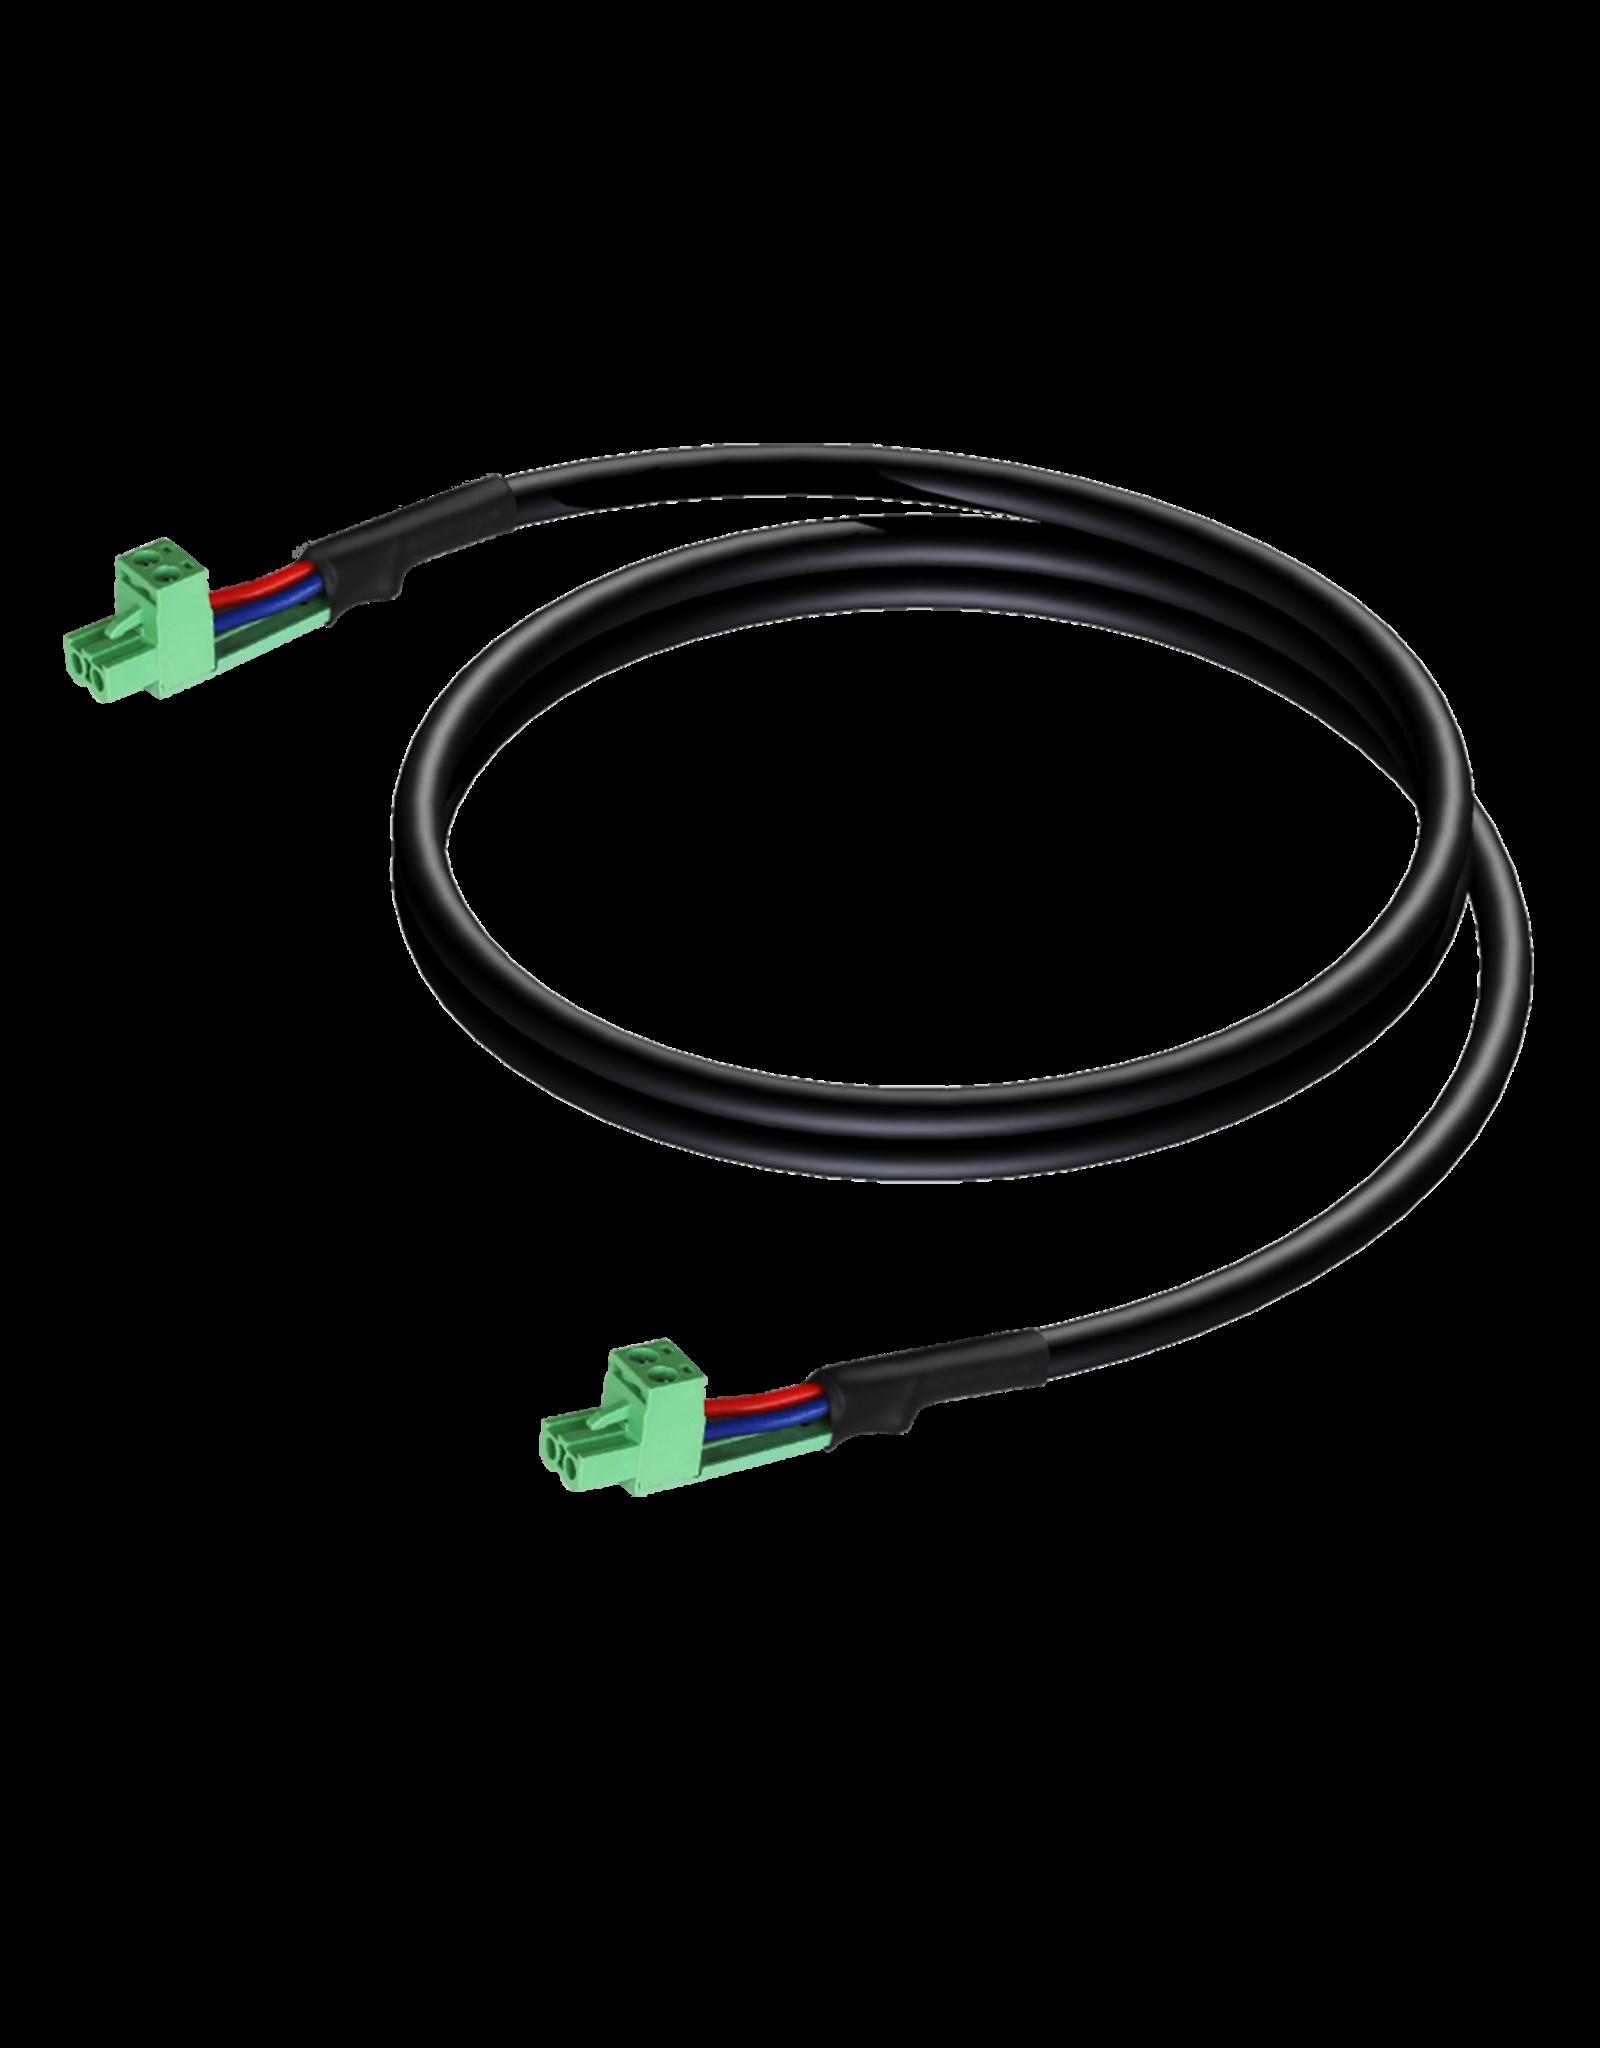 Audac Loudspeaker cable - terminal block - terminal block (2p - 5.08mm) 2 meter